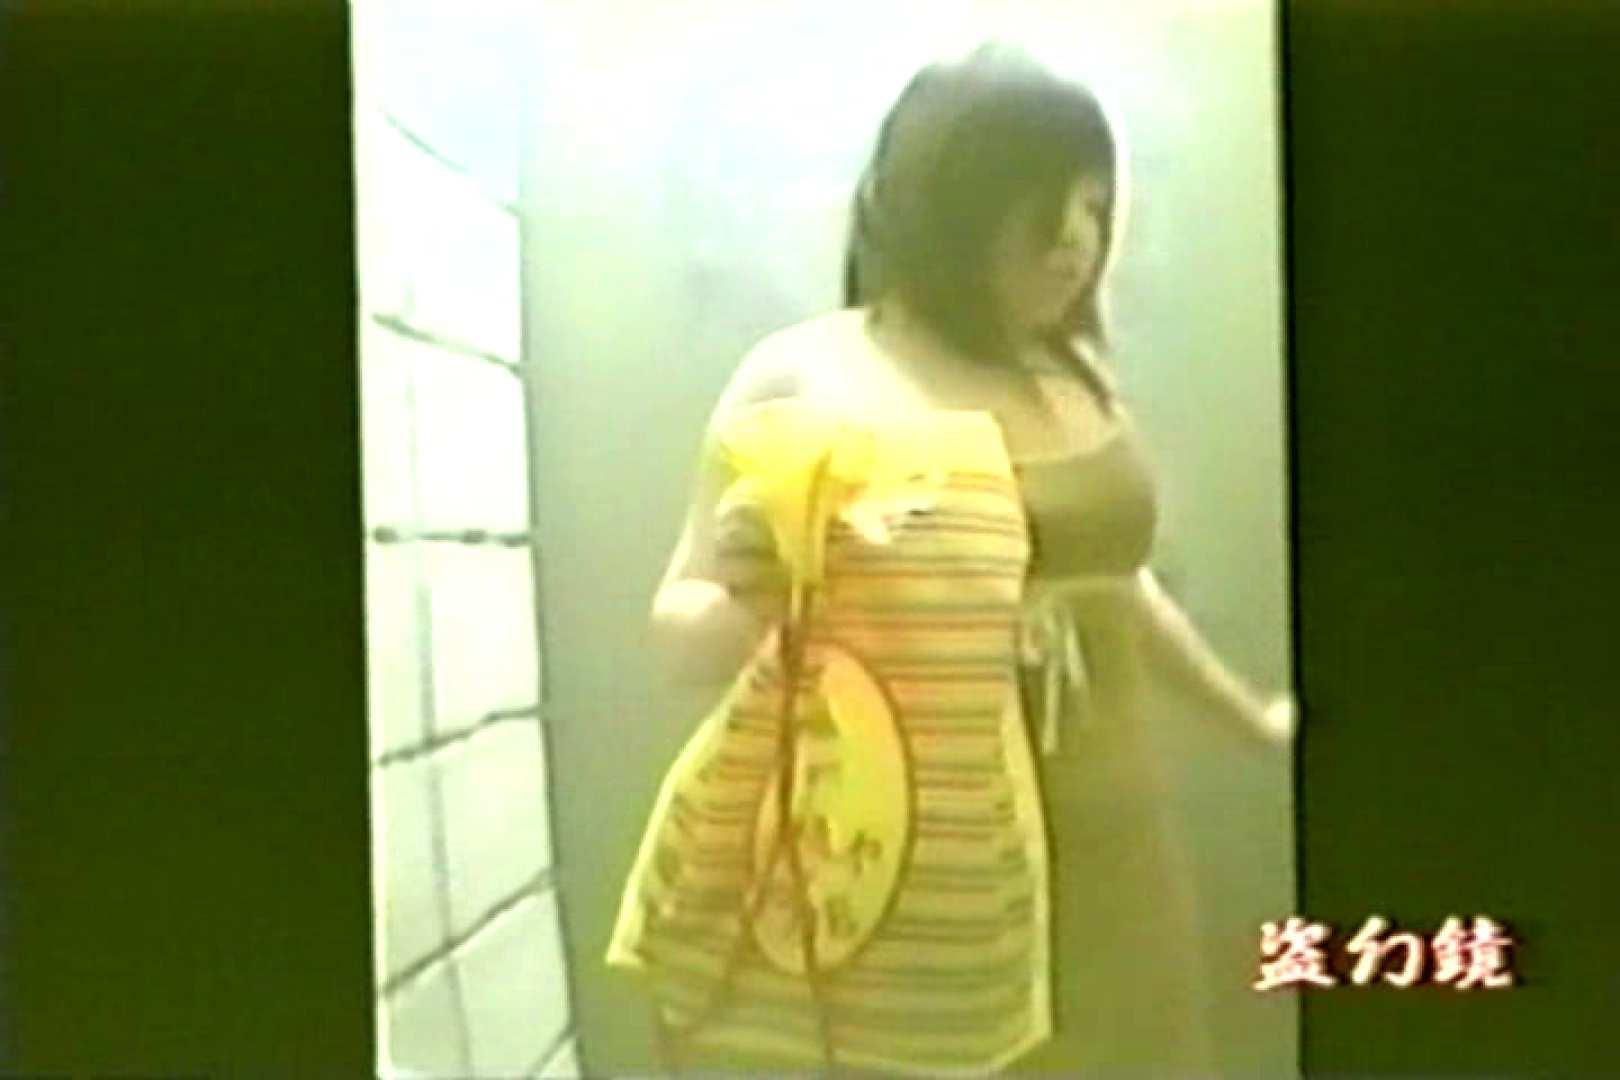 水着ギャル和式女子 MT-4 ギャルエロ画像 隠し撮りオマンコ動画紹介 42PICs 6